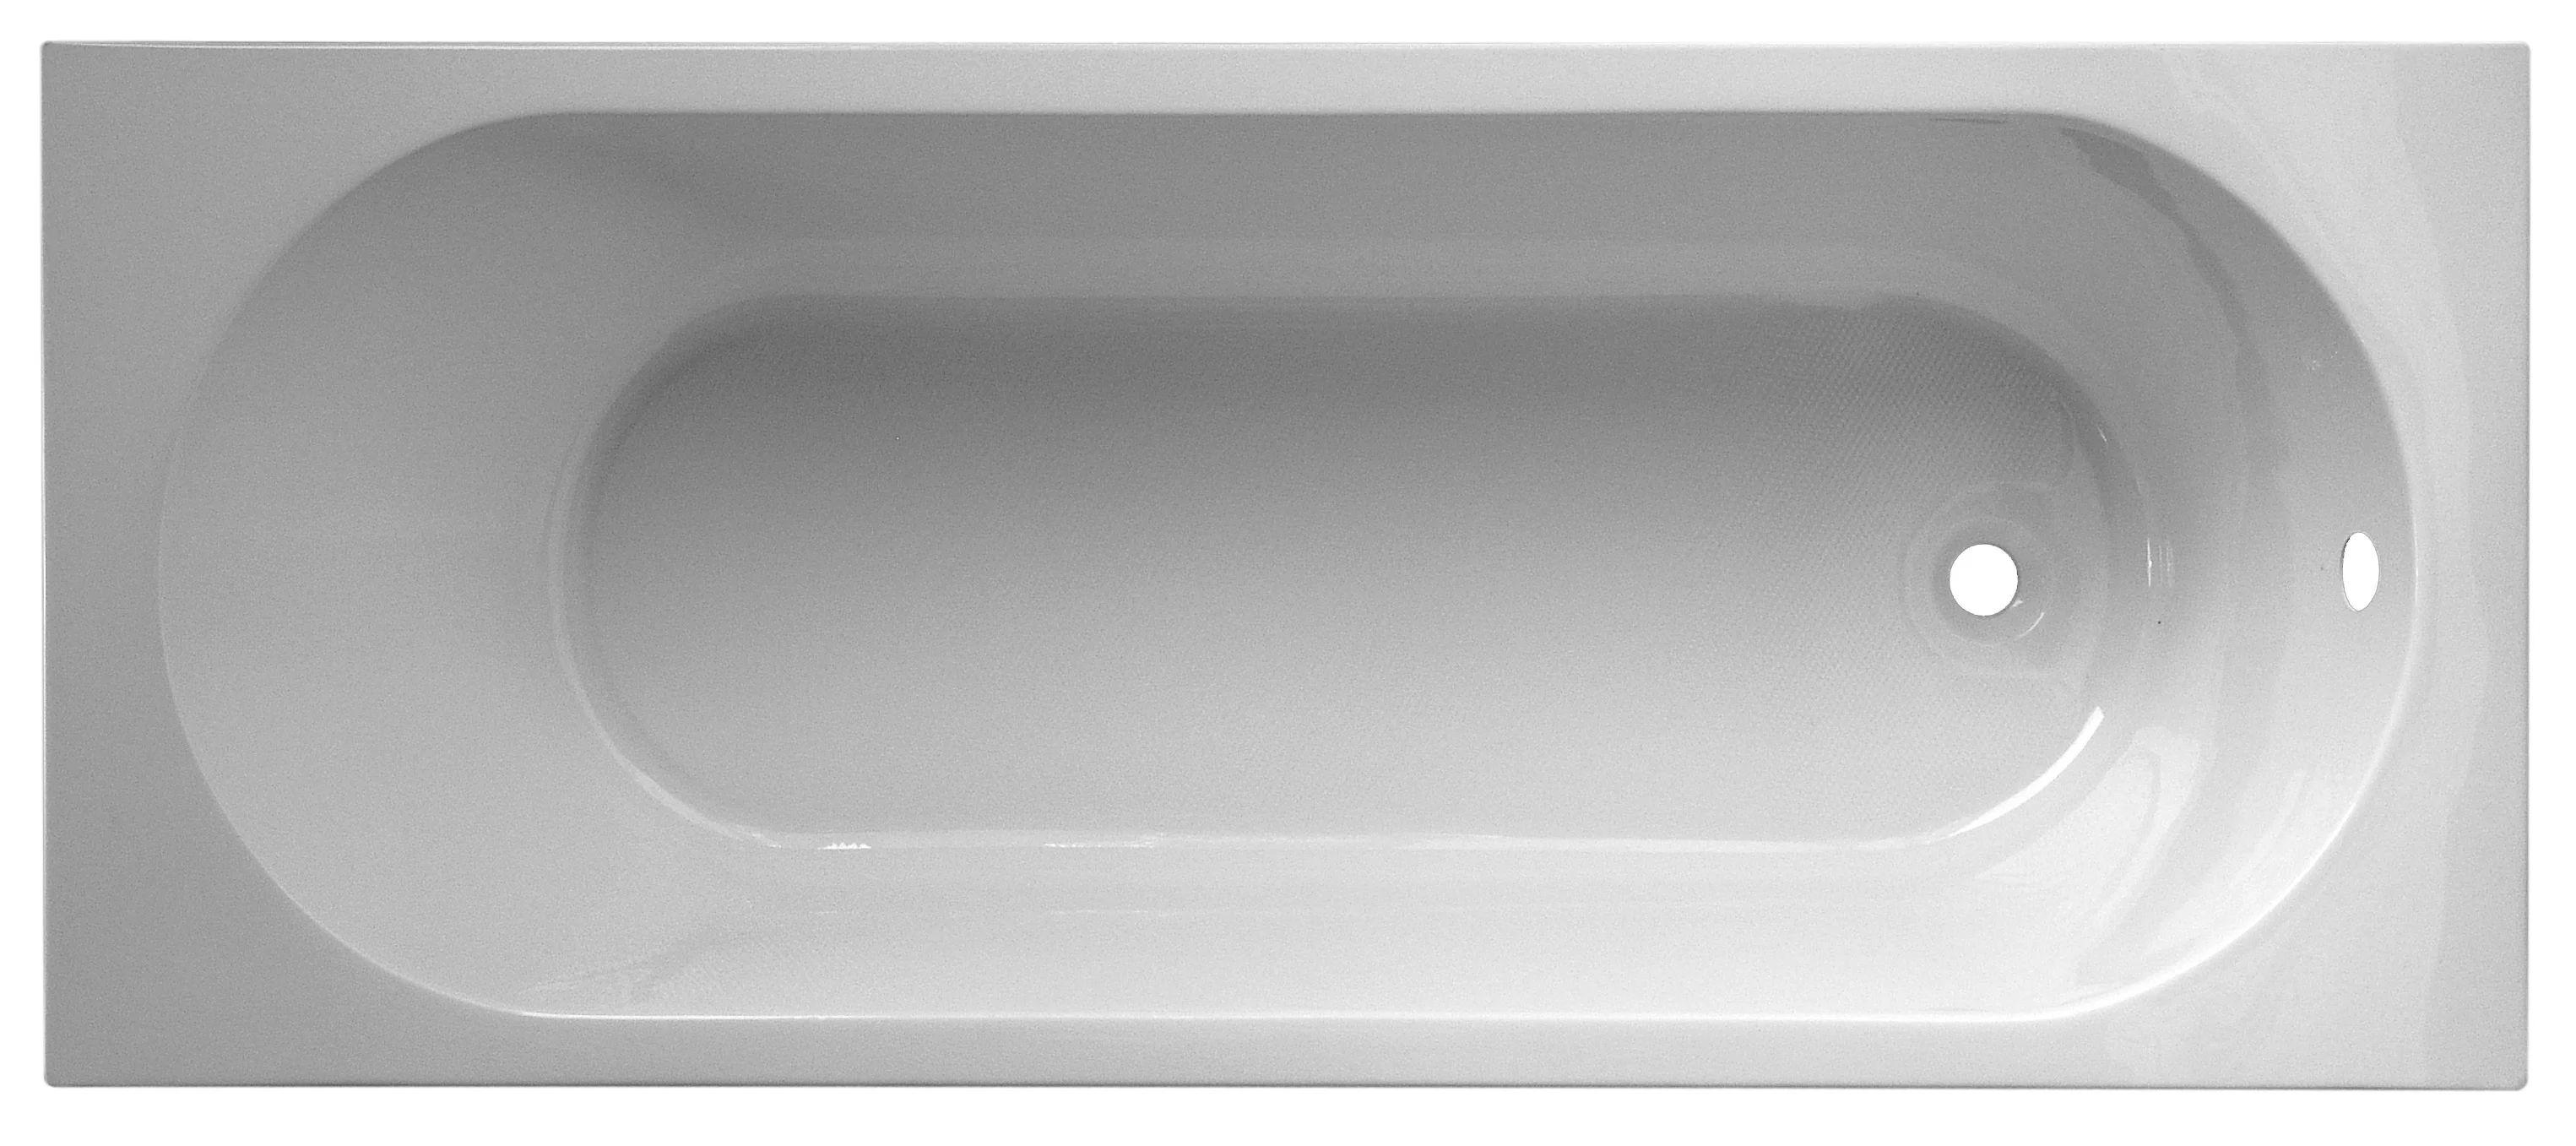 baignoire rectangulaire l 140x l 70 cm